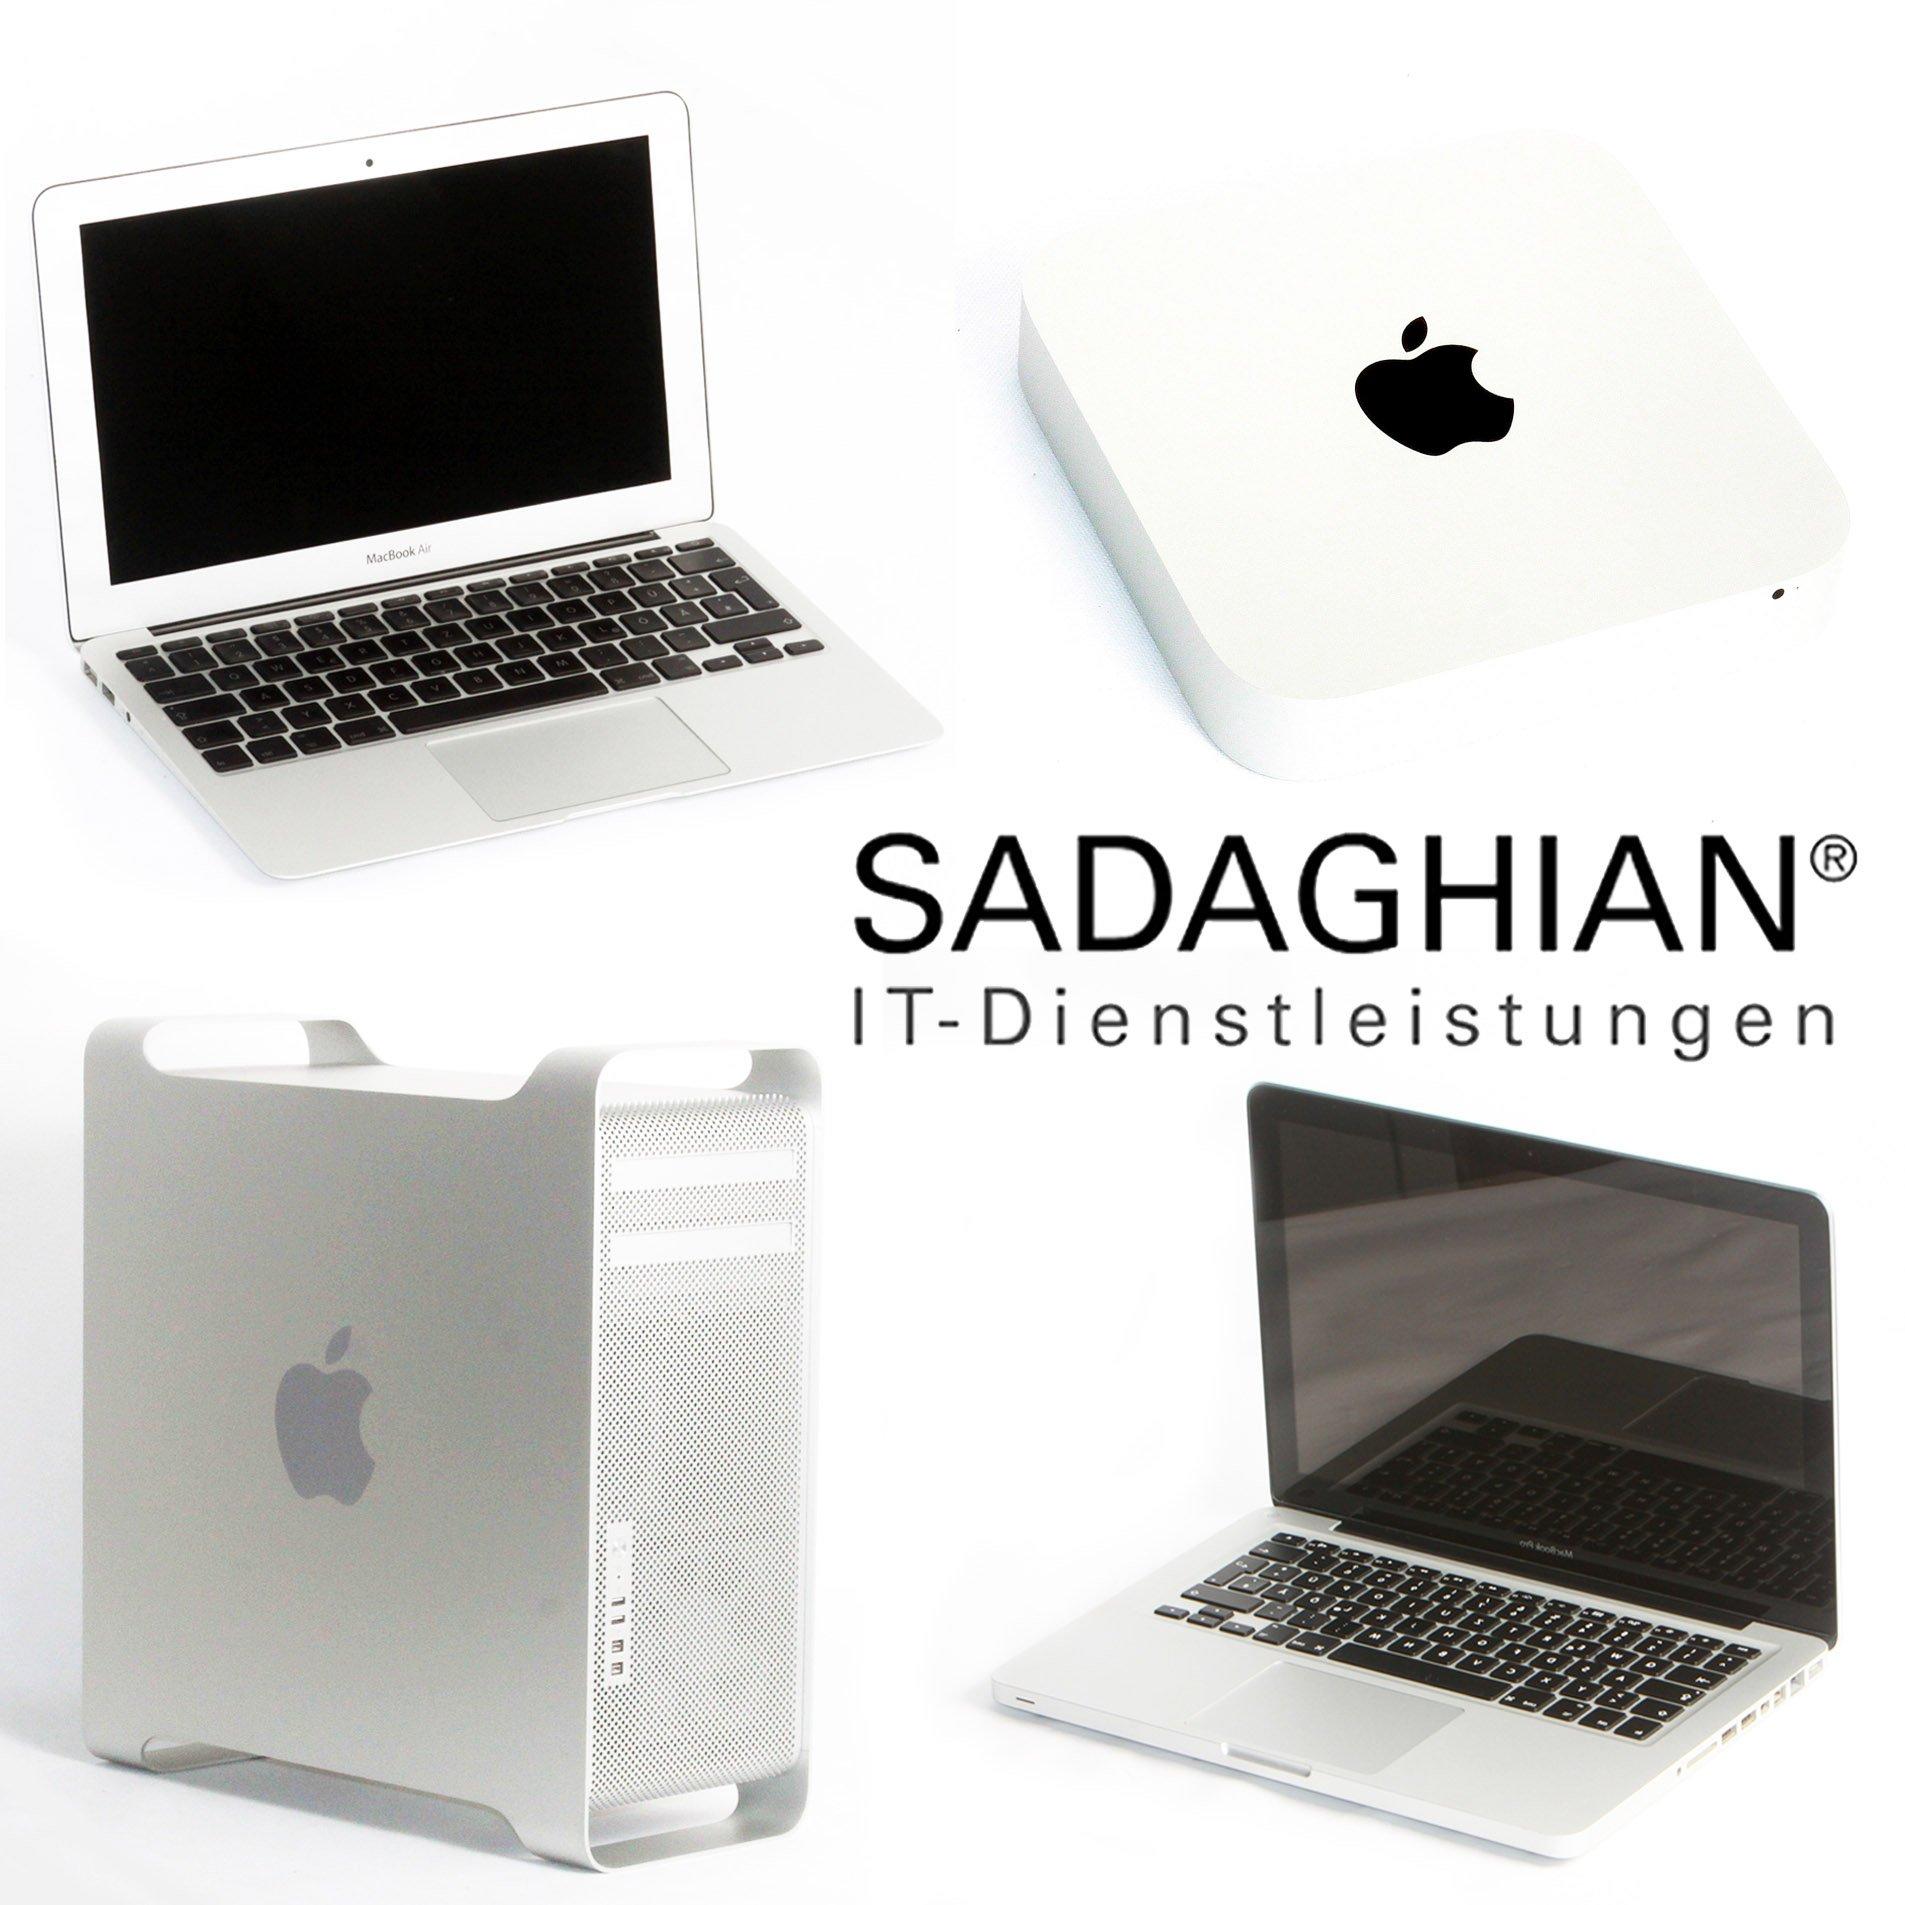 Sadaghian IT-Dienstleistungen Mac-Reparatur Werkstatt